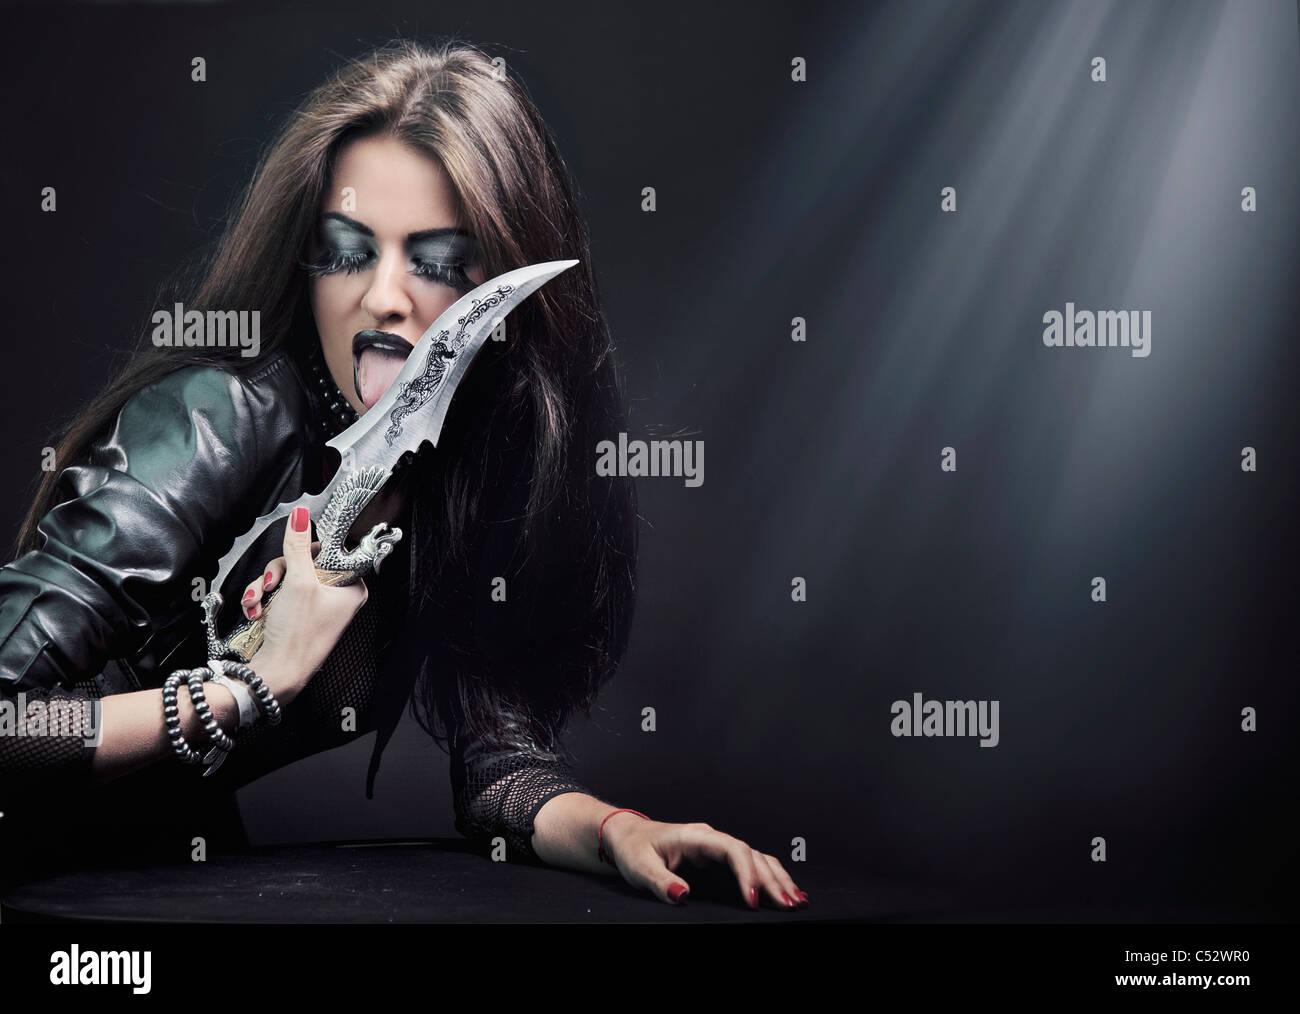 Attraktive junge Frau mit Messer Stockbild